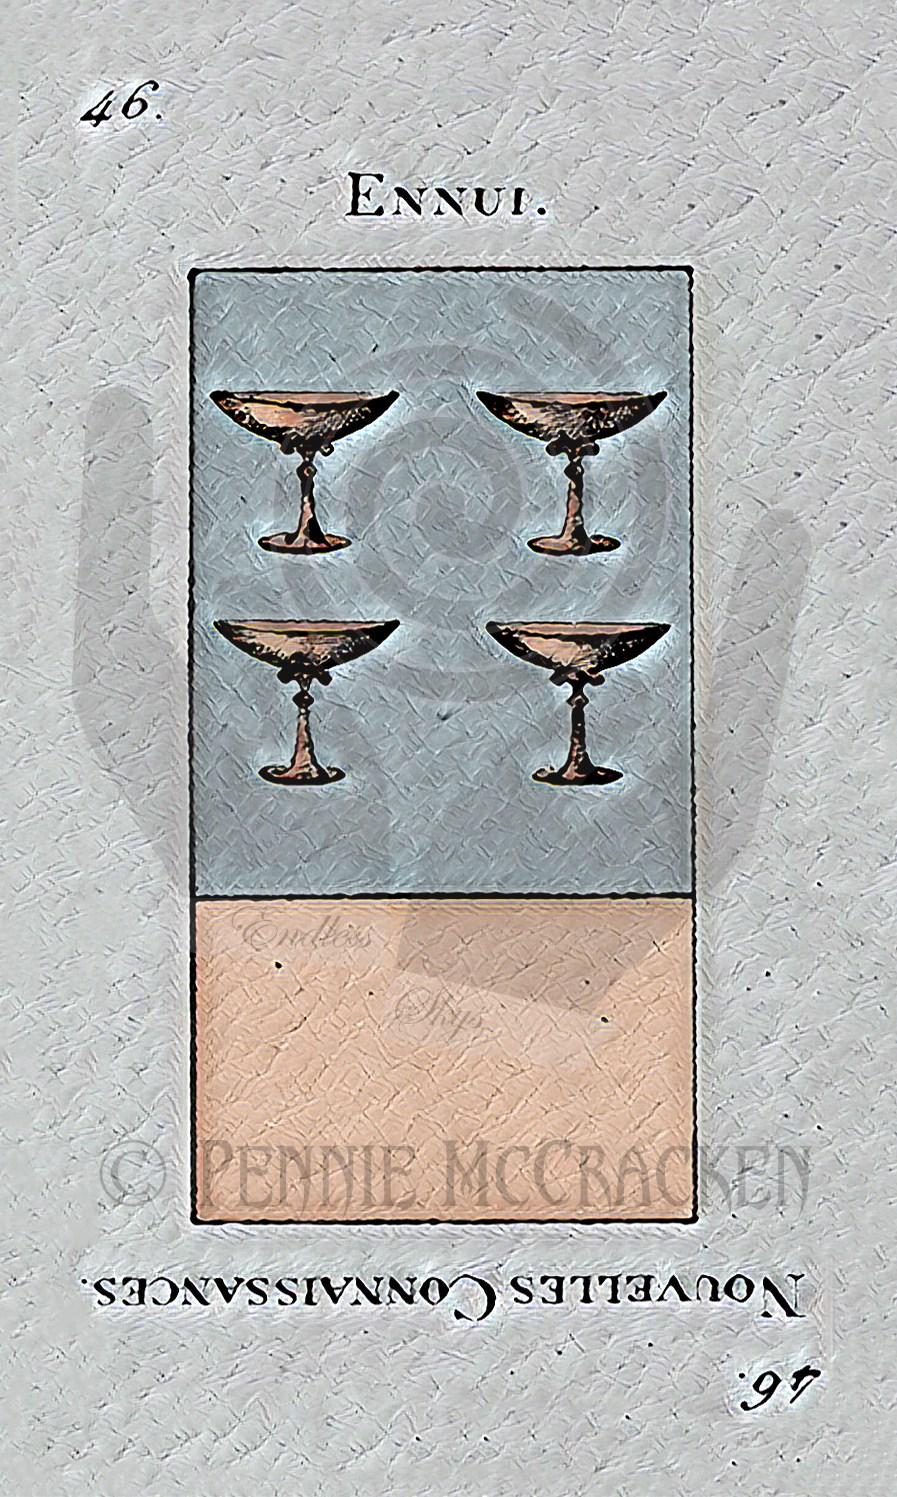 Etteilla Tarot in Ancient Stone Deisgn by Pennie McCracken - Endless Skys